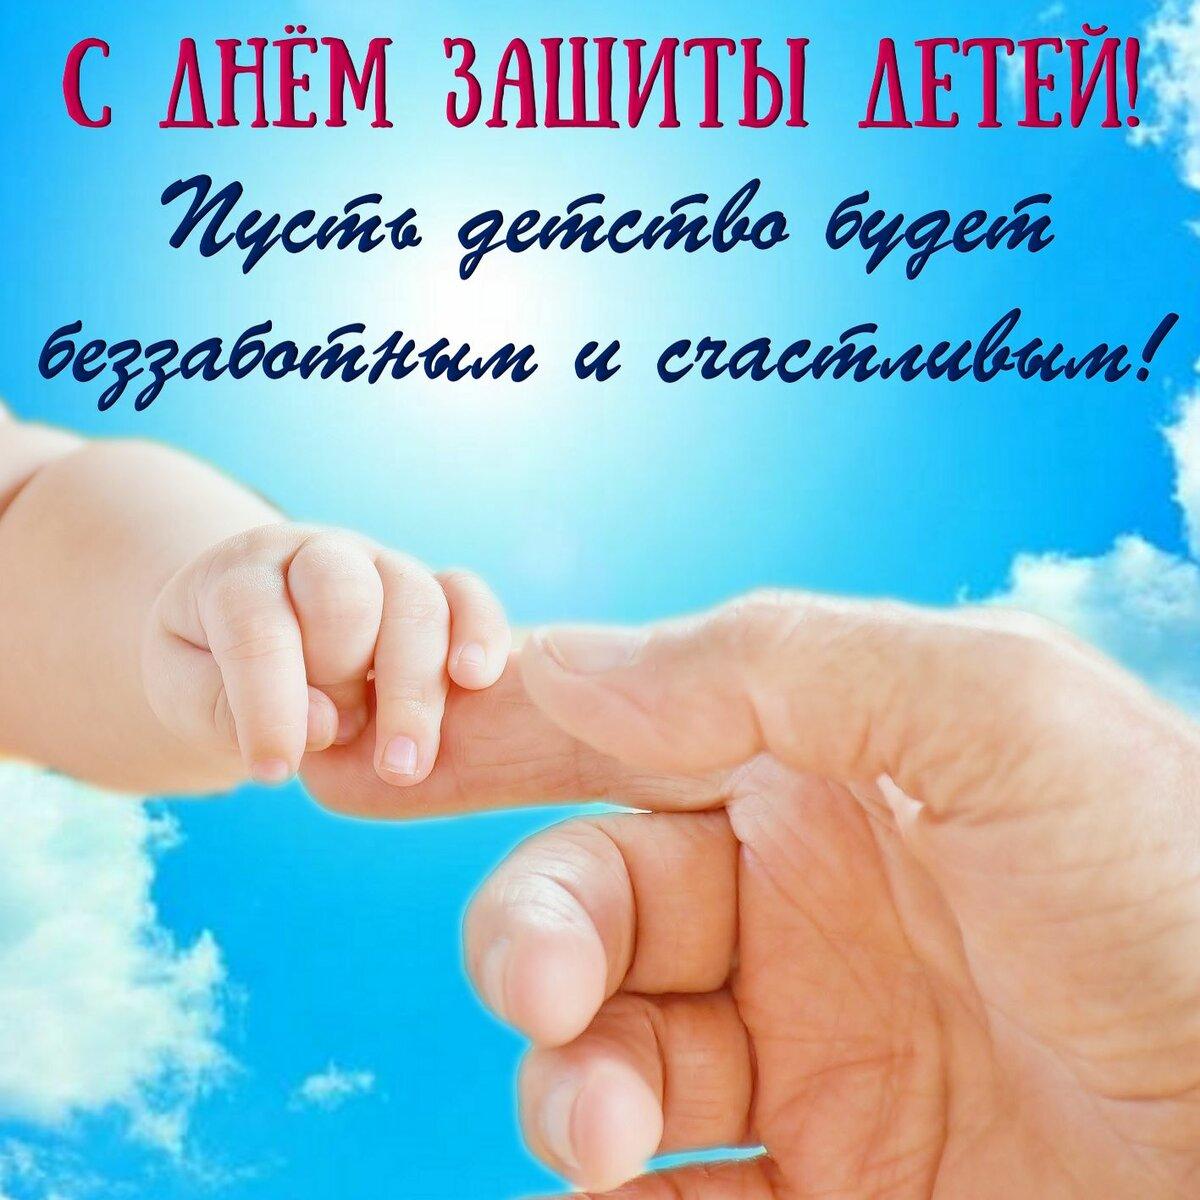 Поздравление с днем защиты детей 1 июня открытки